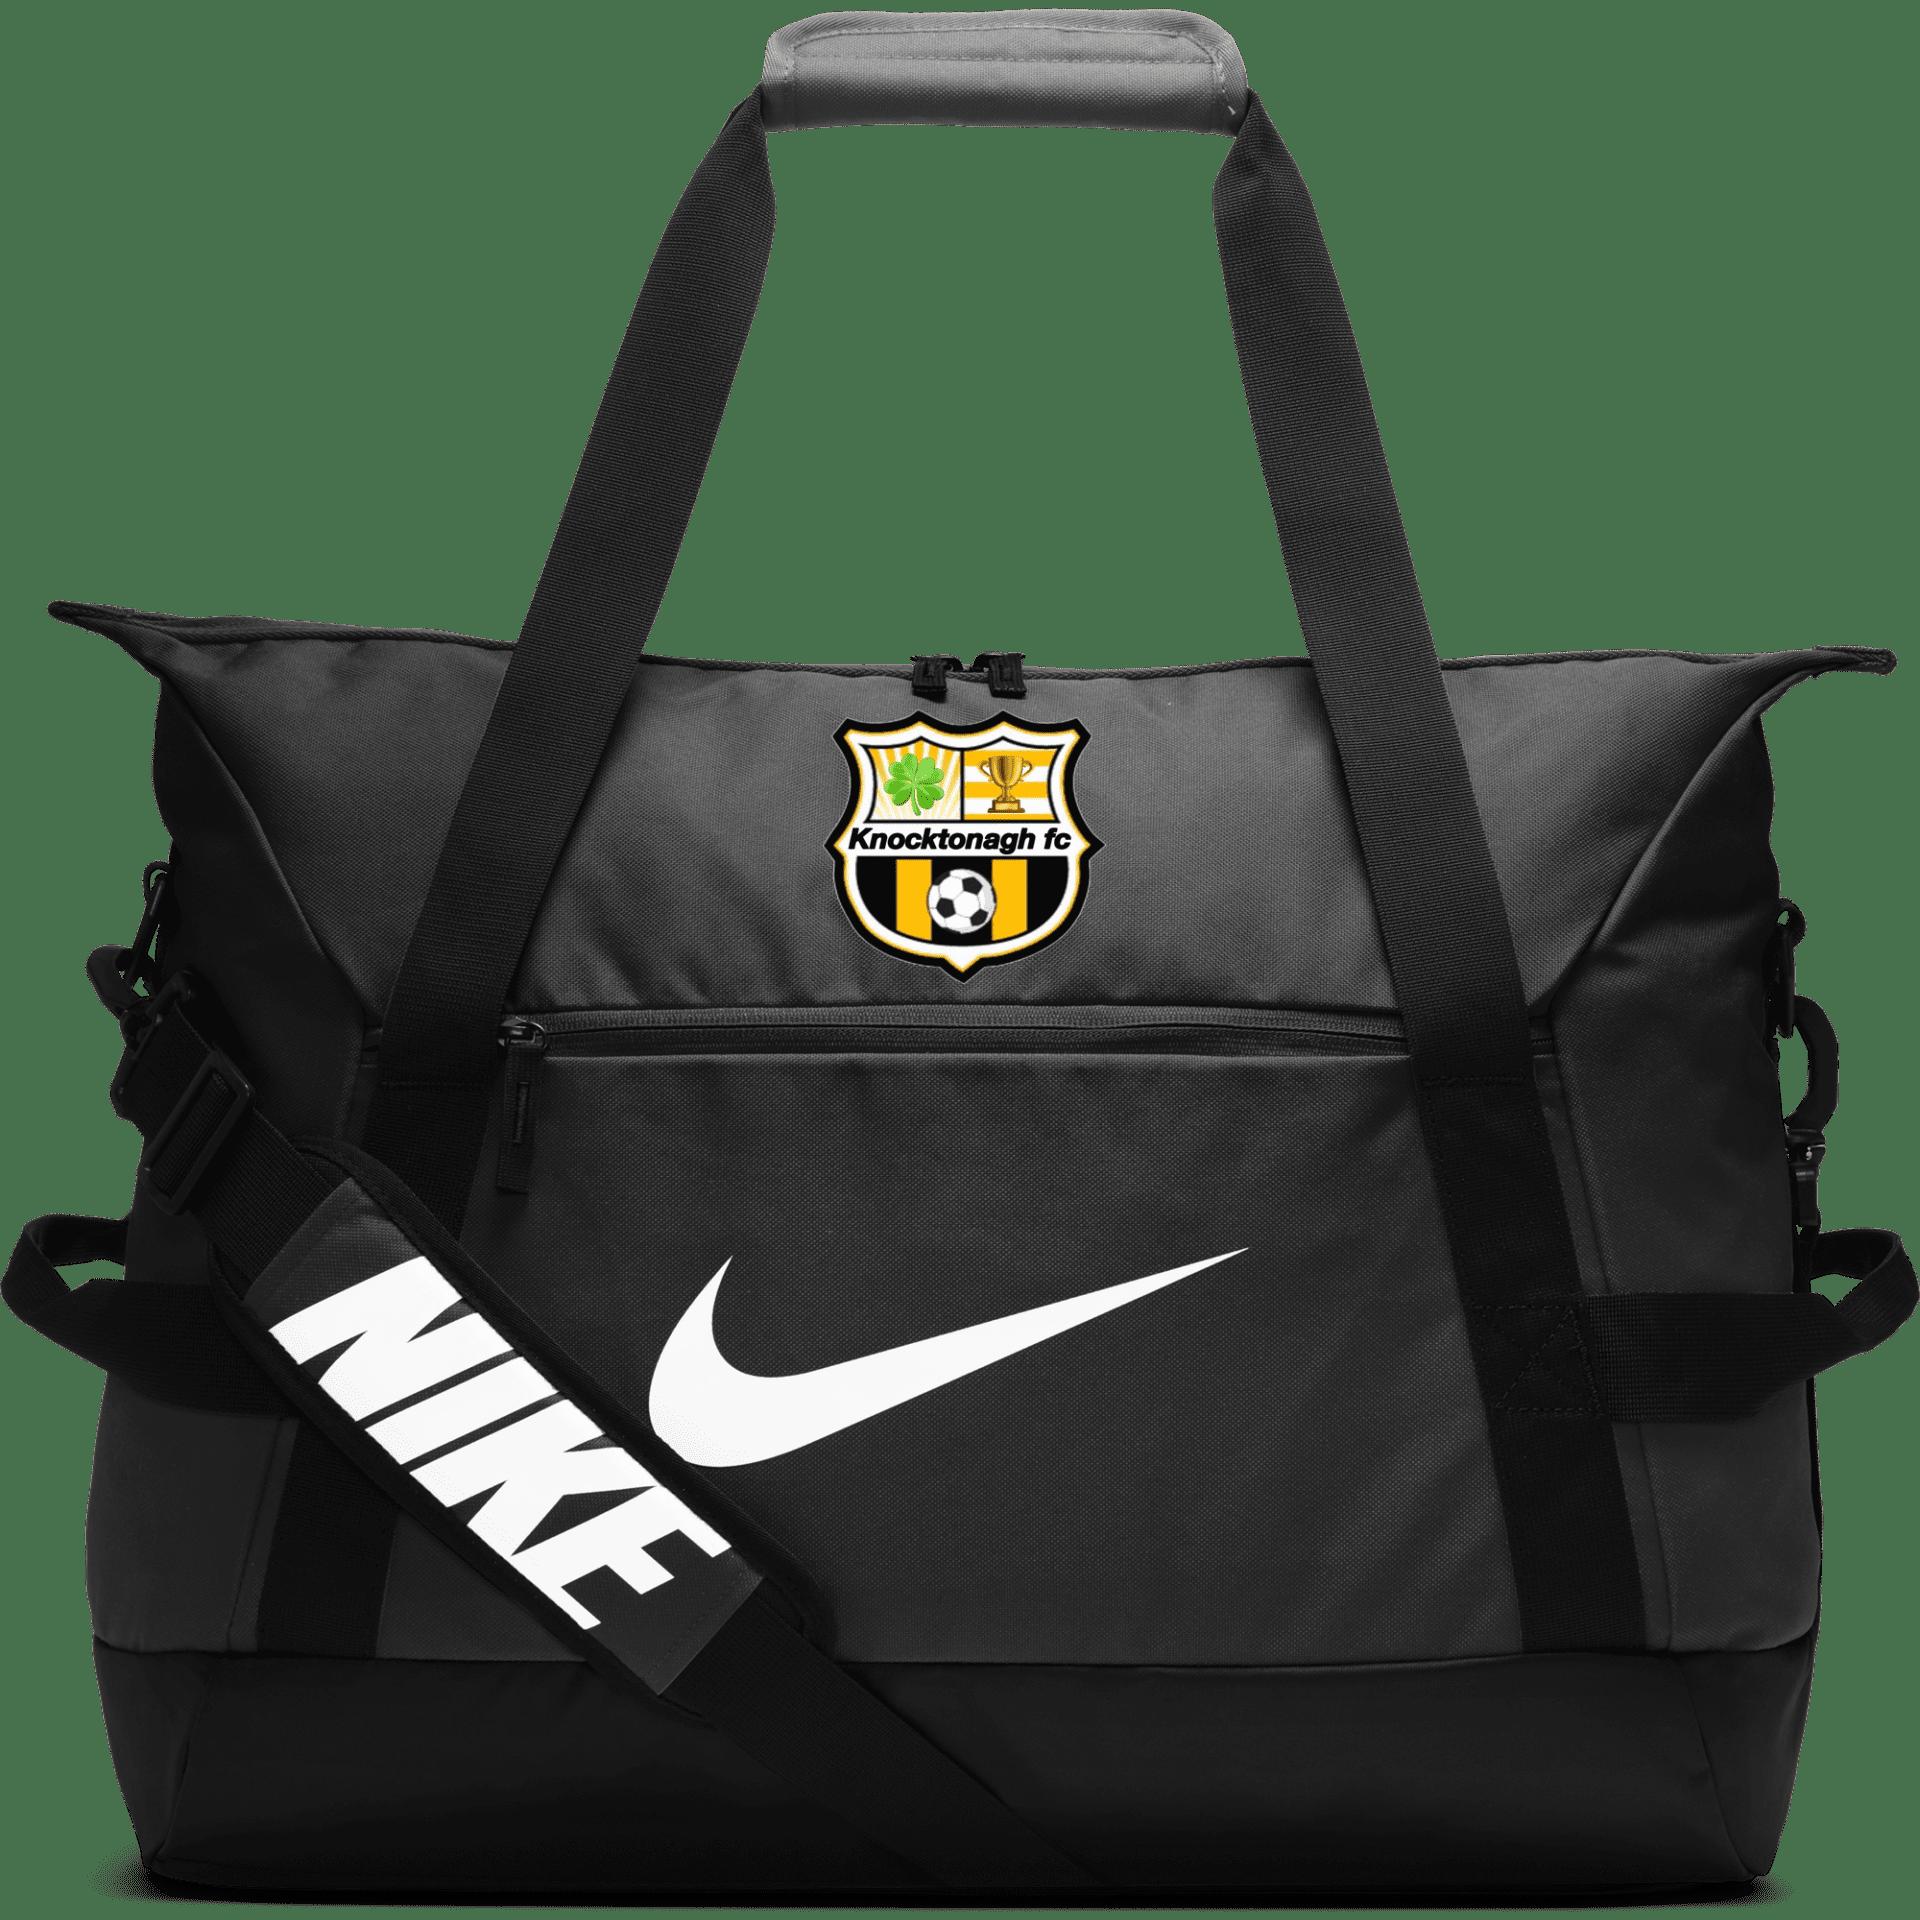 knocktonagh fc duffel bag 35383 1 p